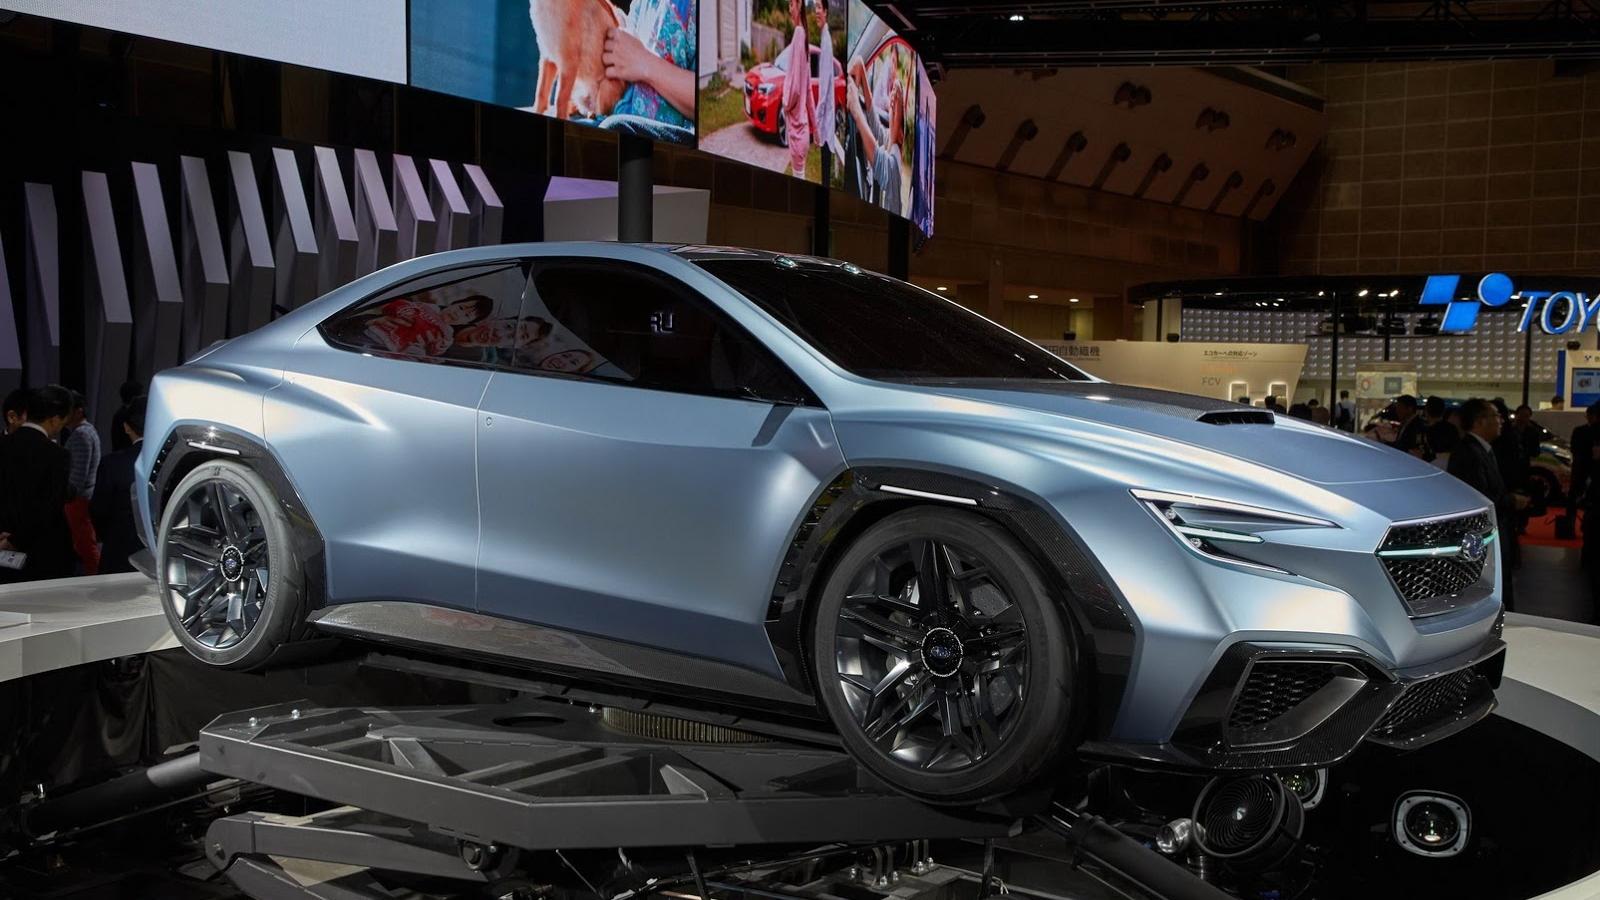 Subaru WRX 2022 được giới thiệu lần đầu tiên và sẽ ra mắt trong năm nay